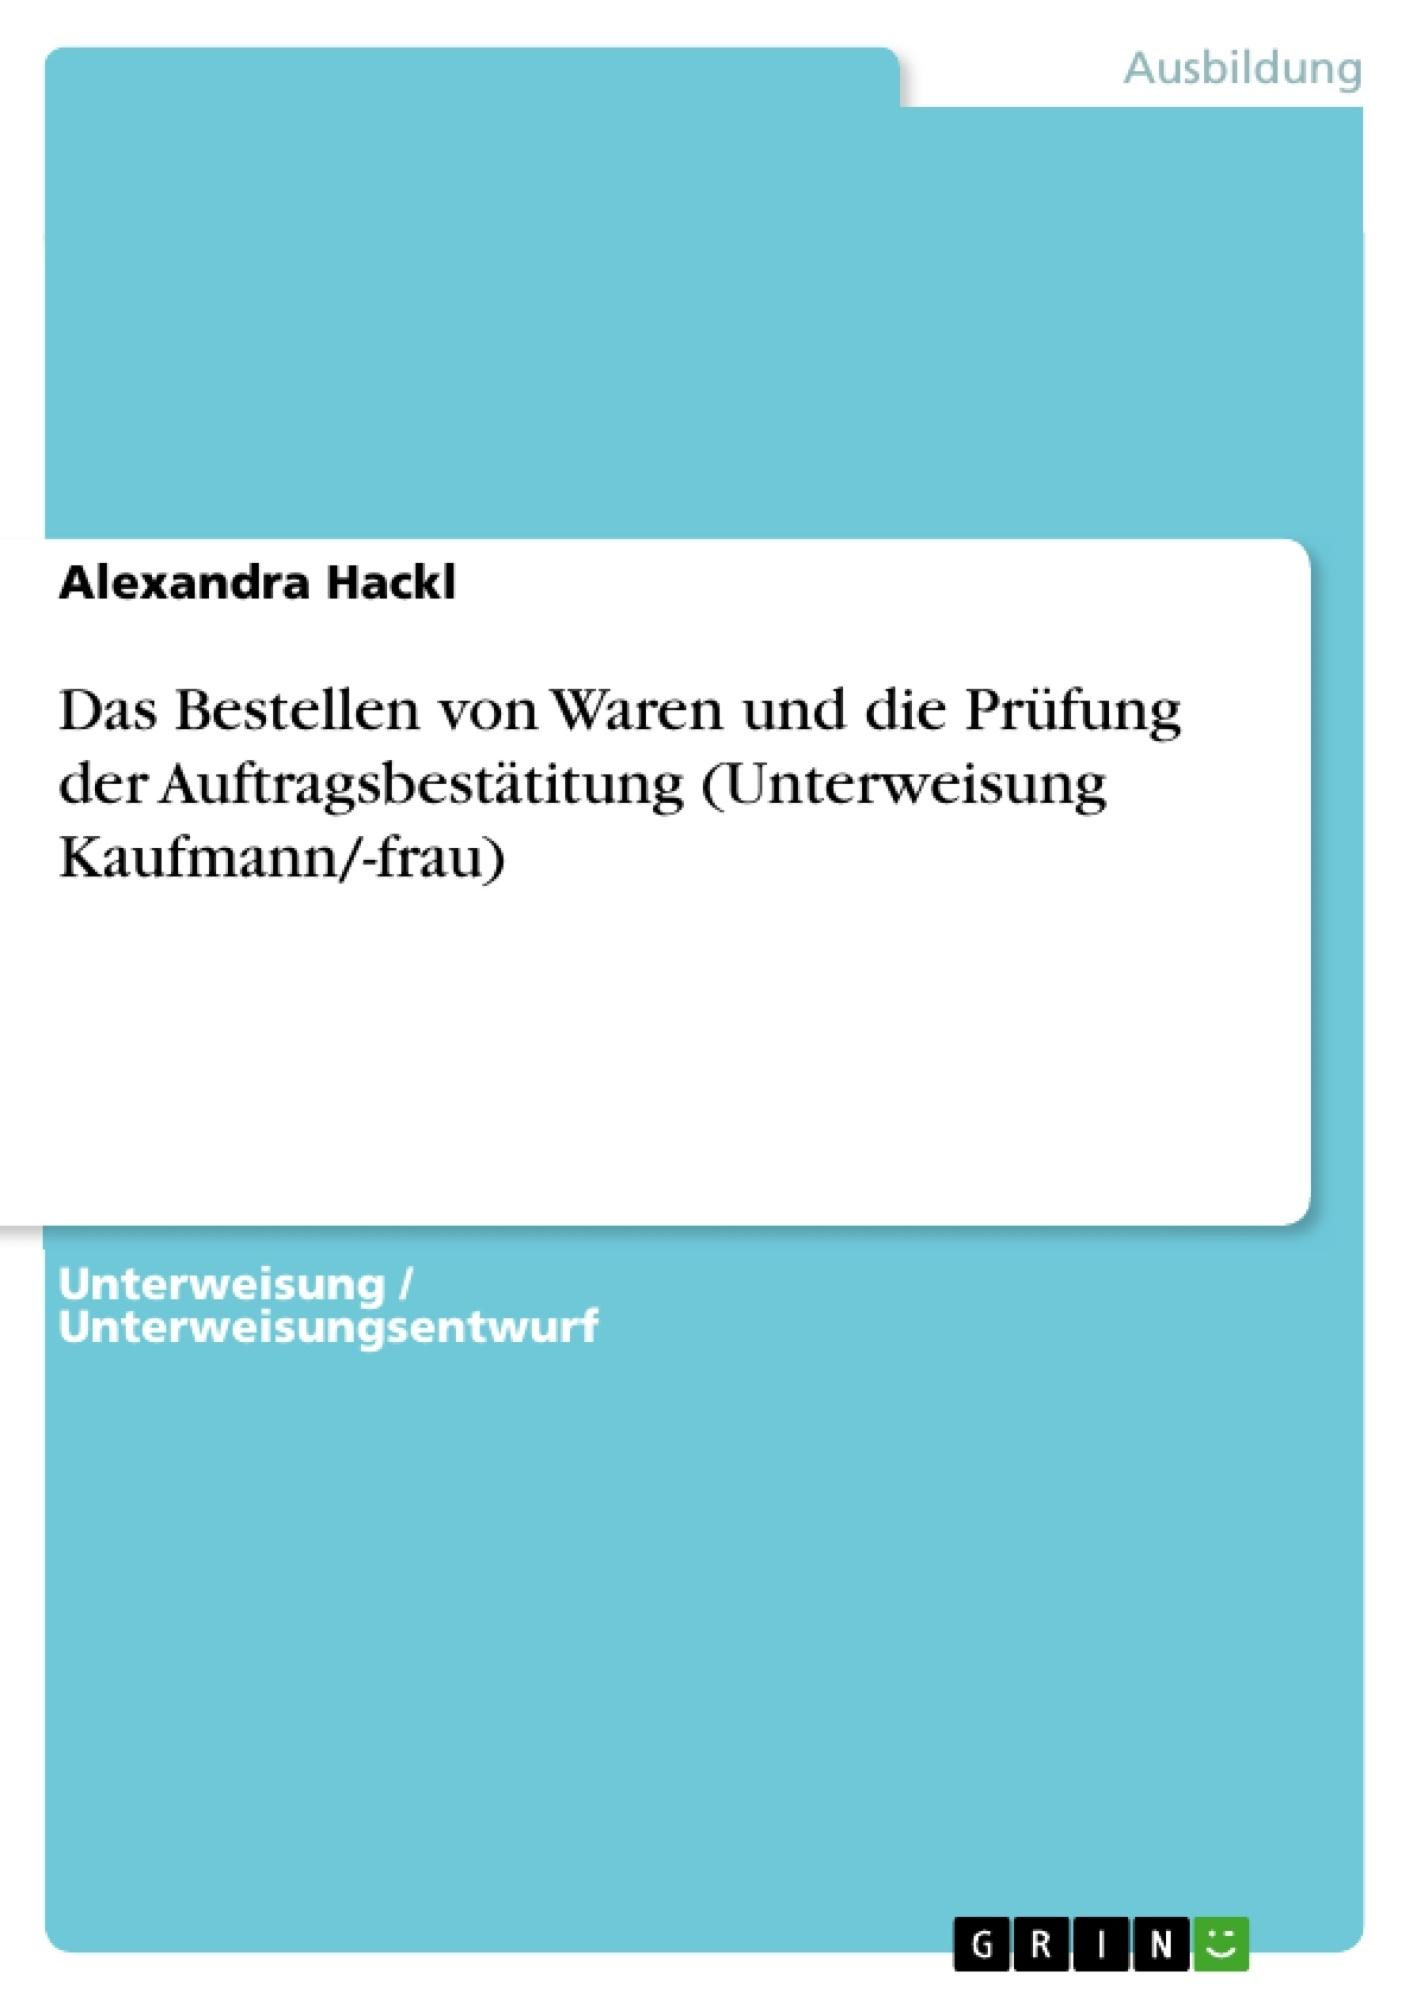 Titel: Das Bestellen von Waren und die Prüfung der Auftragsbestätitung (Unterweisung Kaufmann/-frau)